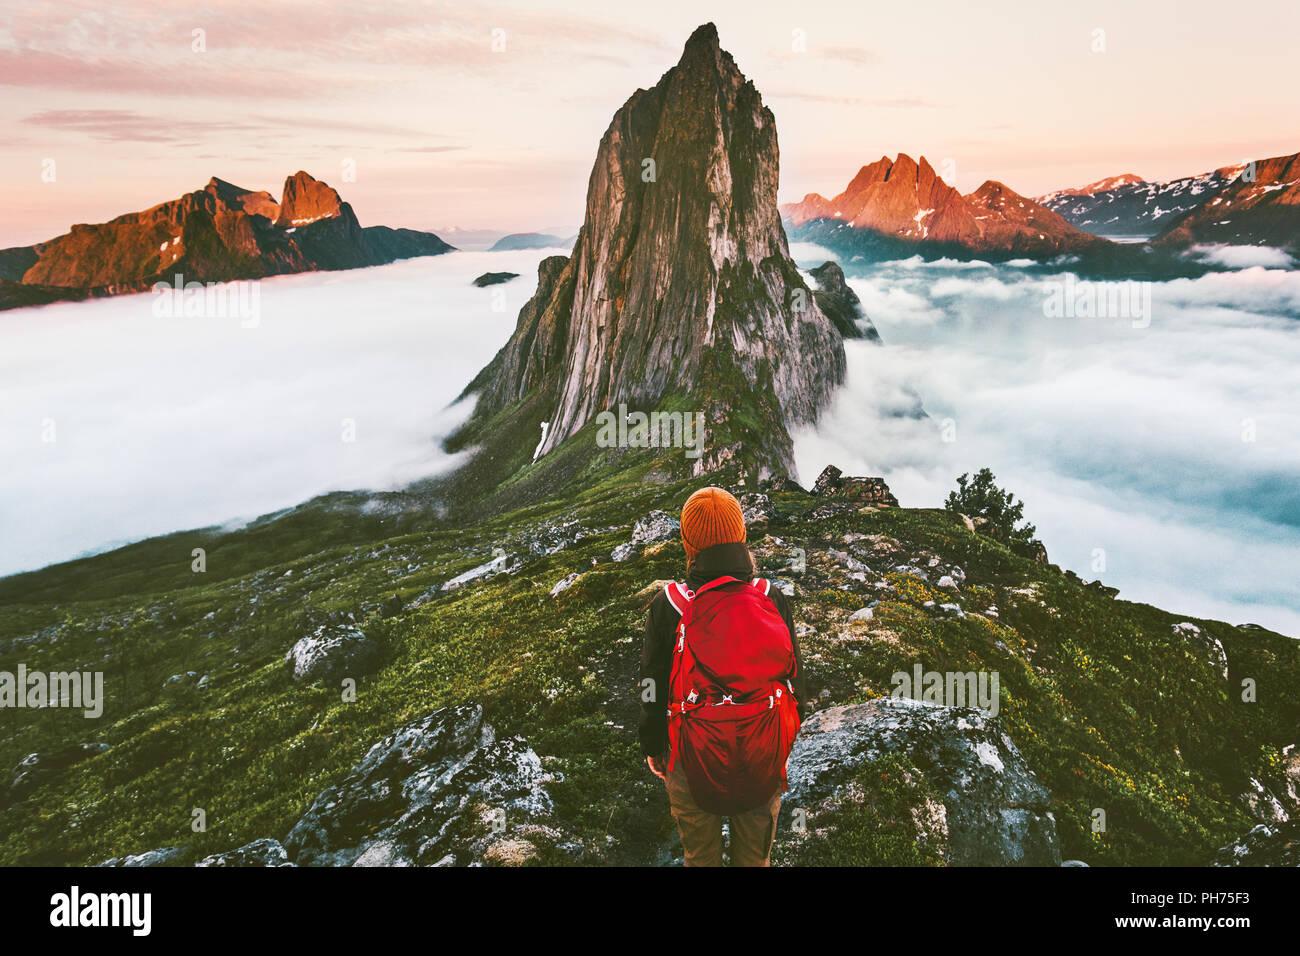 Traveler appréciant le coucher du soleil en plein air d'aventure Randonnées montagne Segla en Norvège vacances actives vie voyage Photo Stock